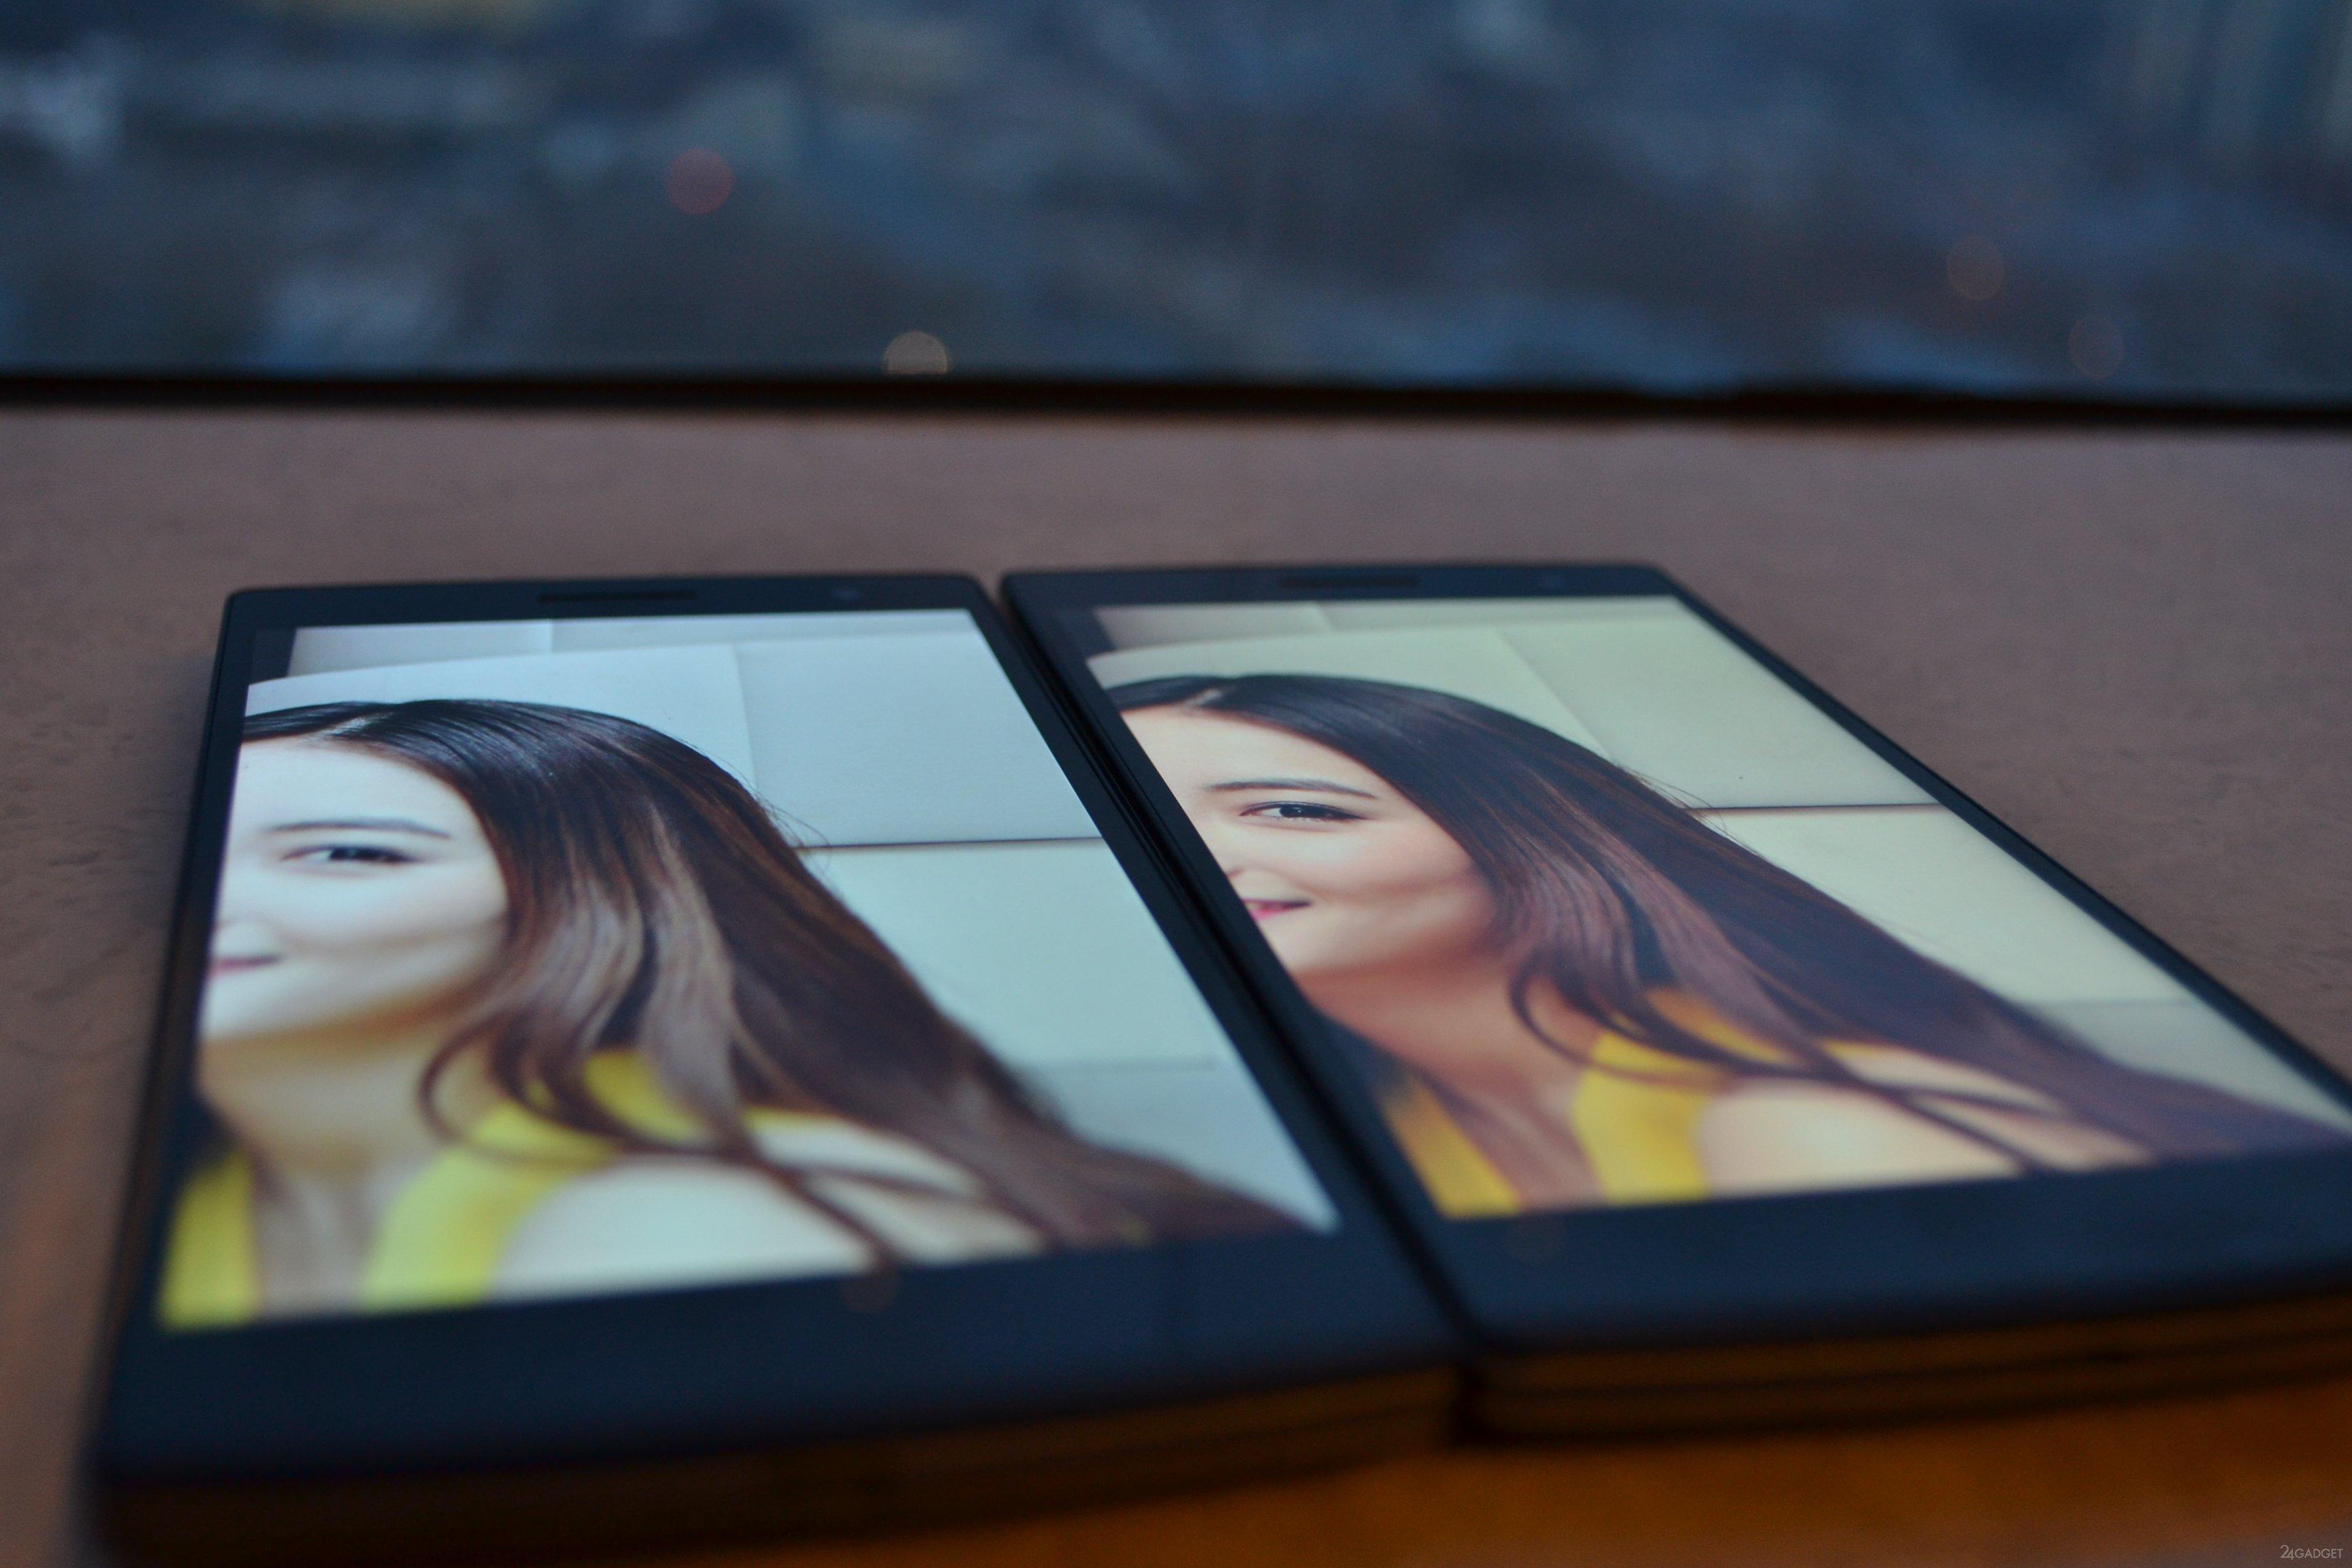 проходили плохое качество картинок на смартфоне жакет